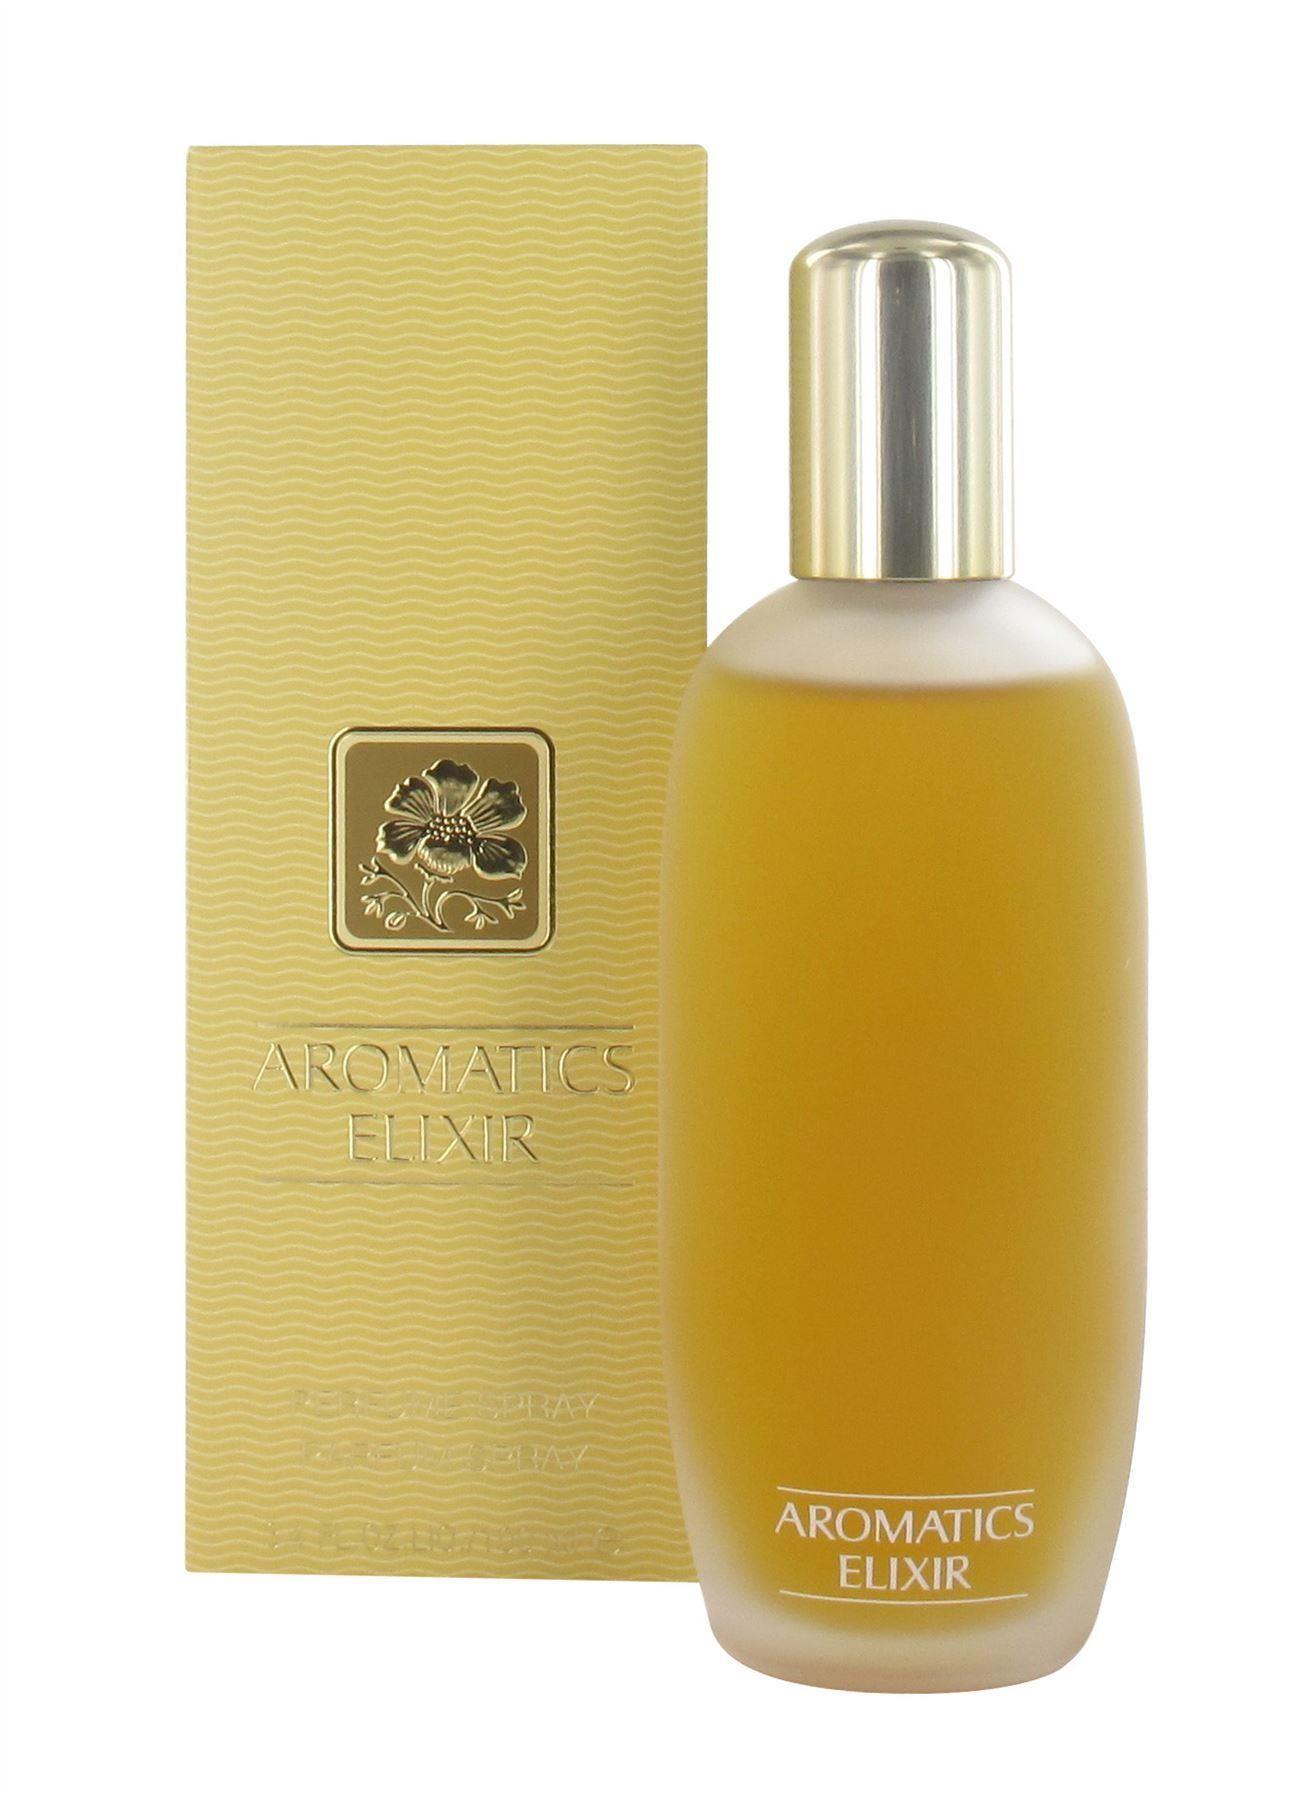 Aromatics Elixir by Clinique Eau de